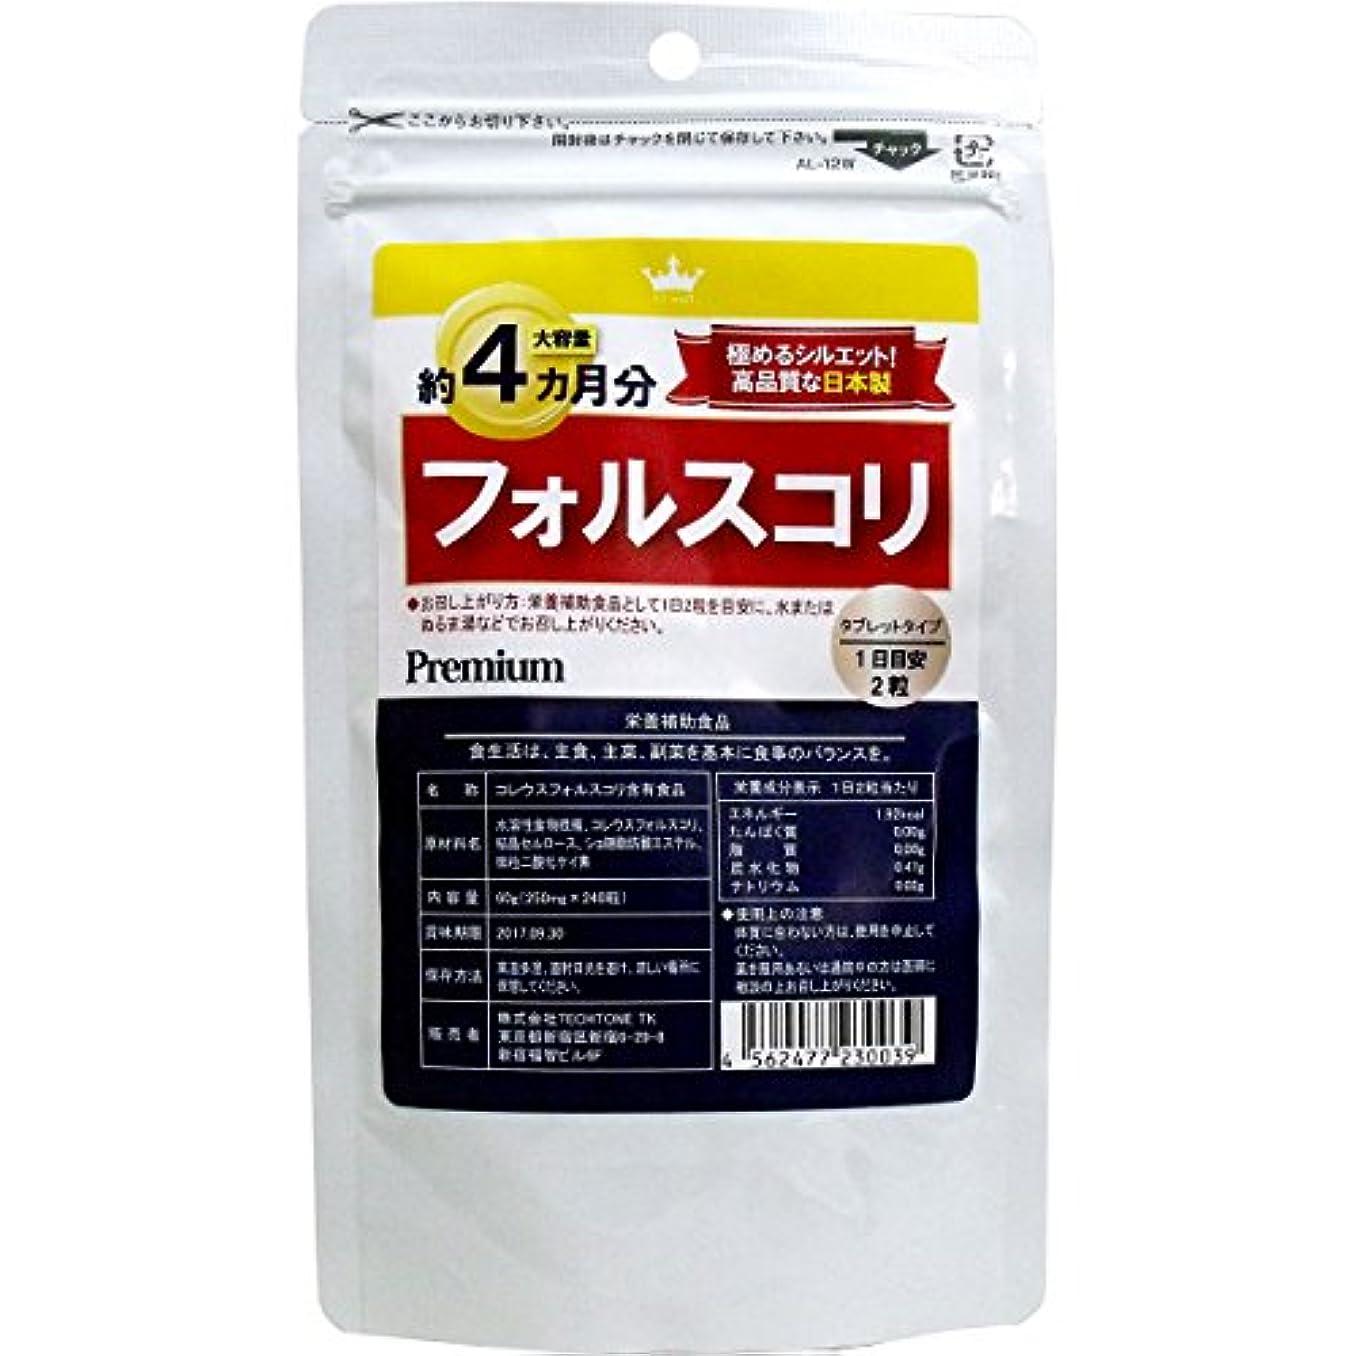 市場前進等サプリ 高品質な日本製 話題の フォルスコリ 約4カ月分 240粒入【3個セット】